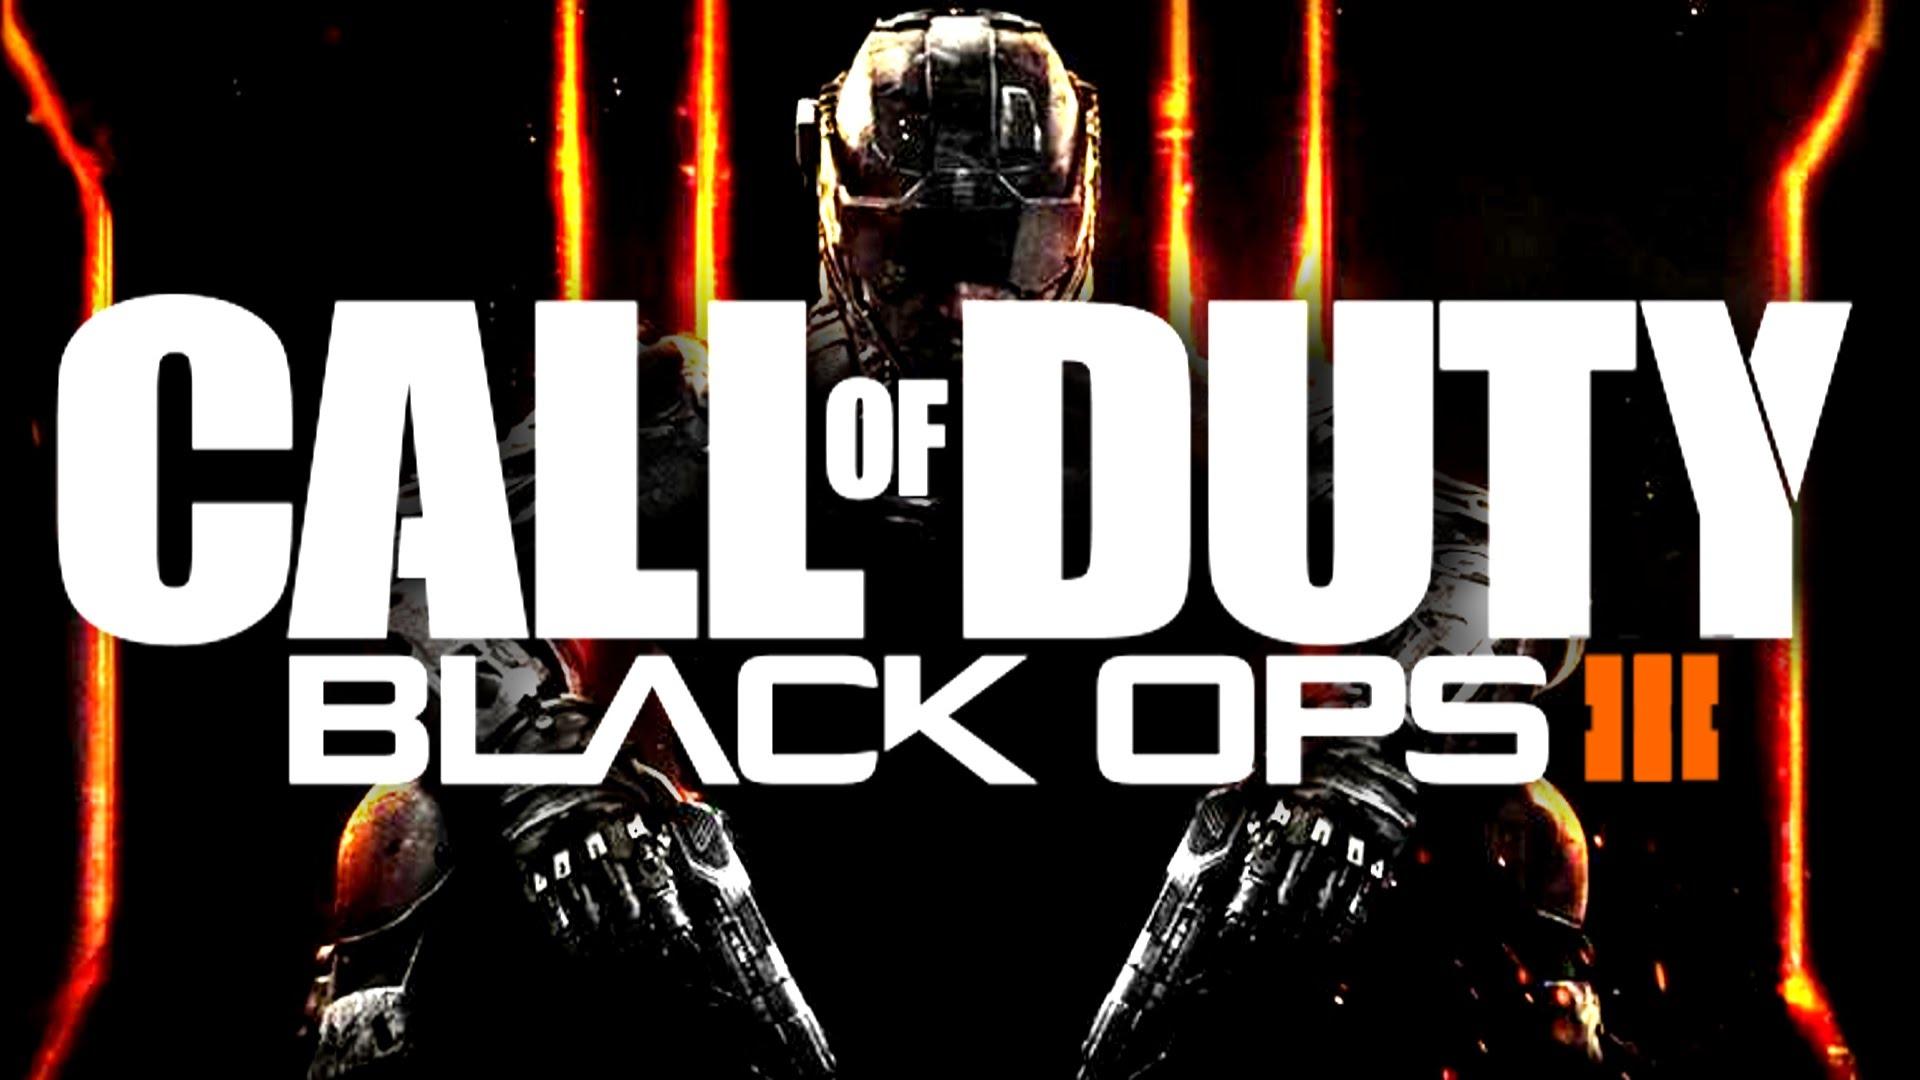 black ops 3 banner